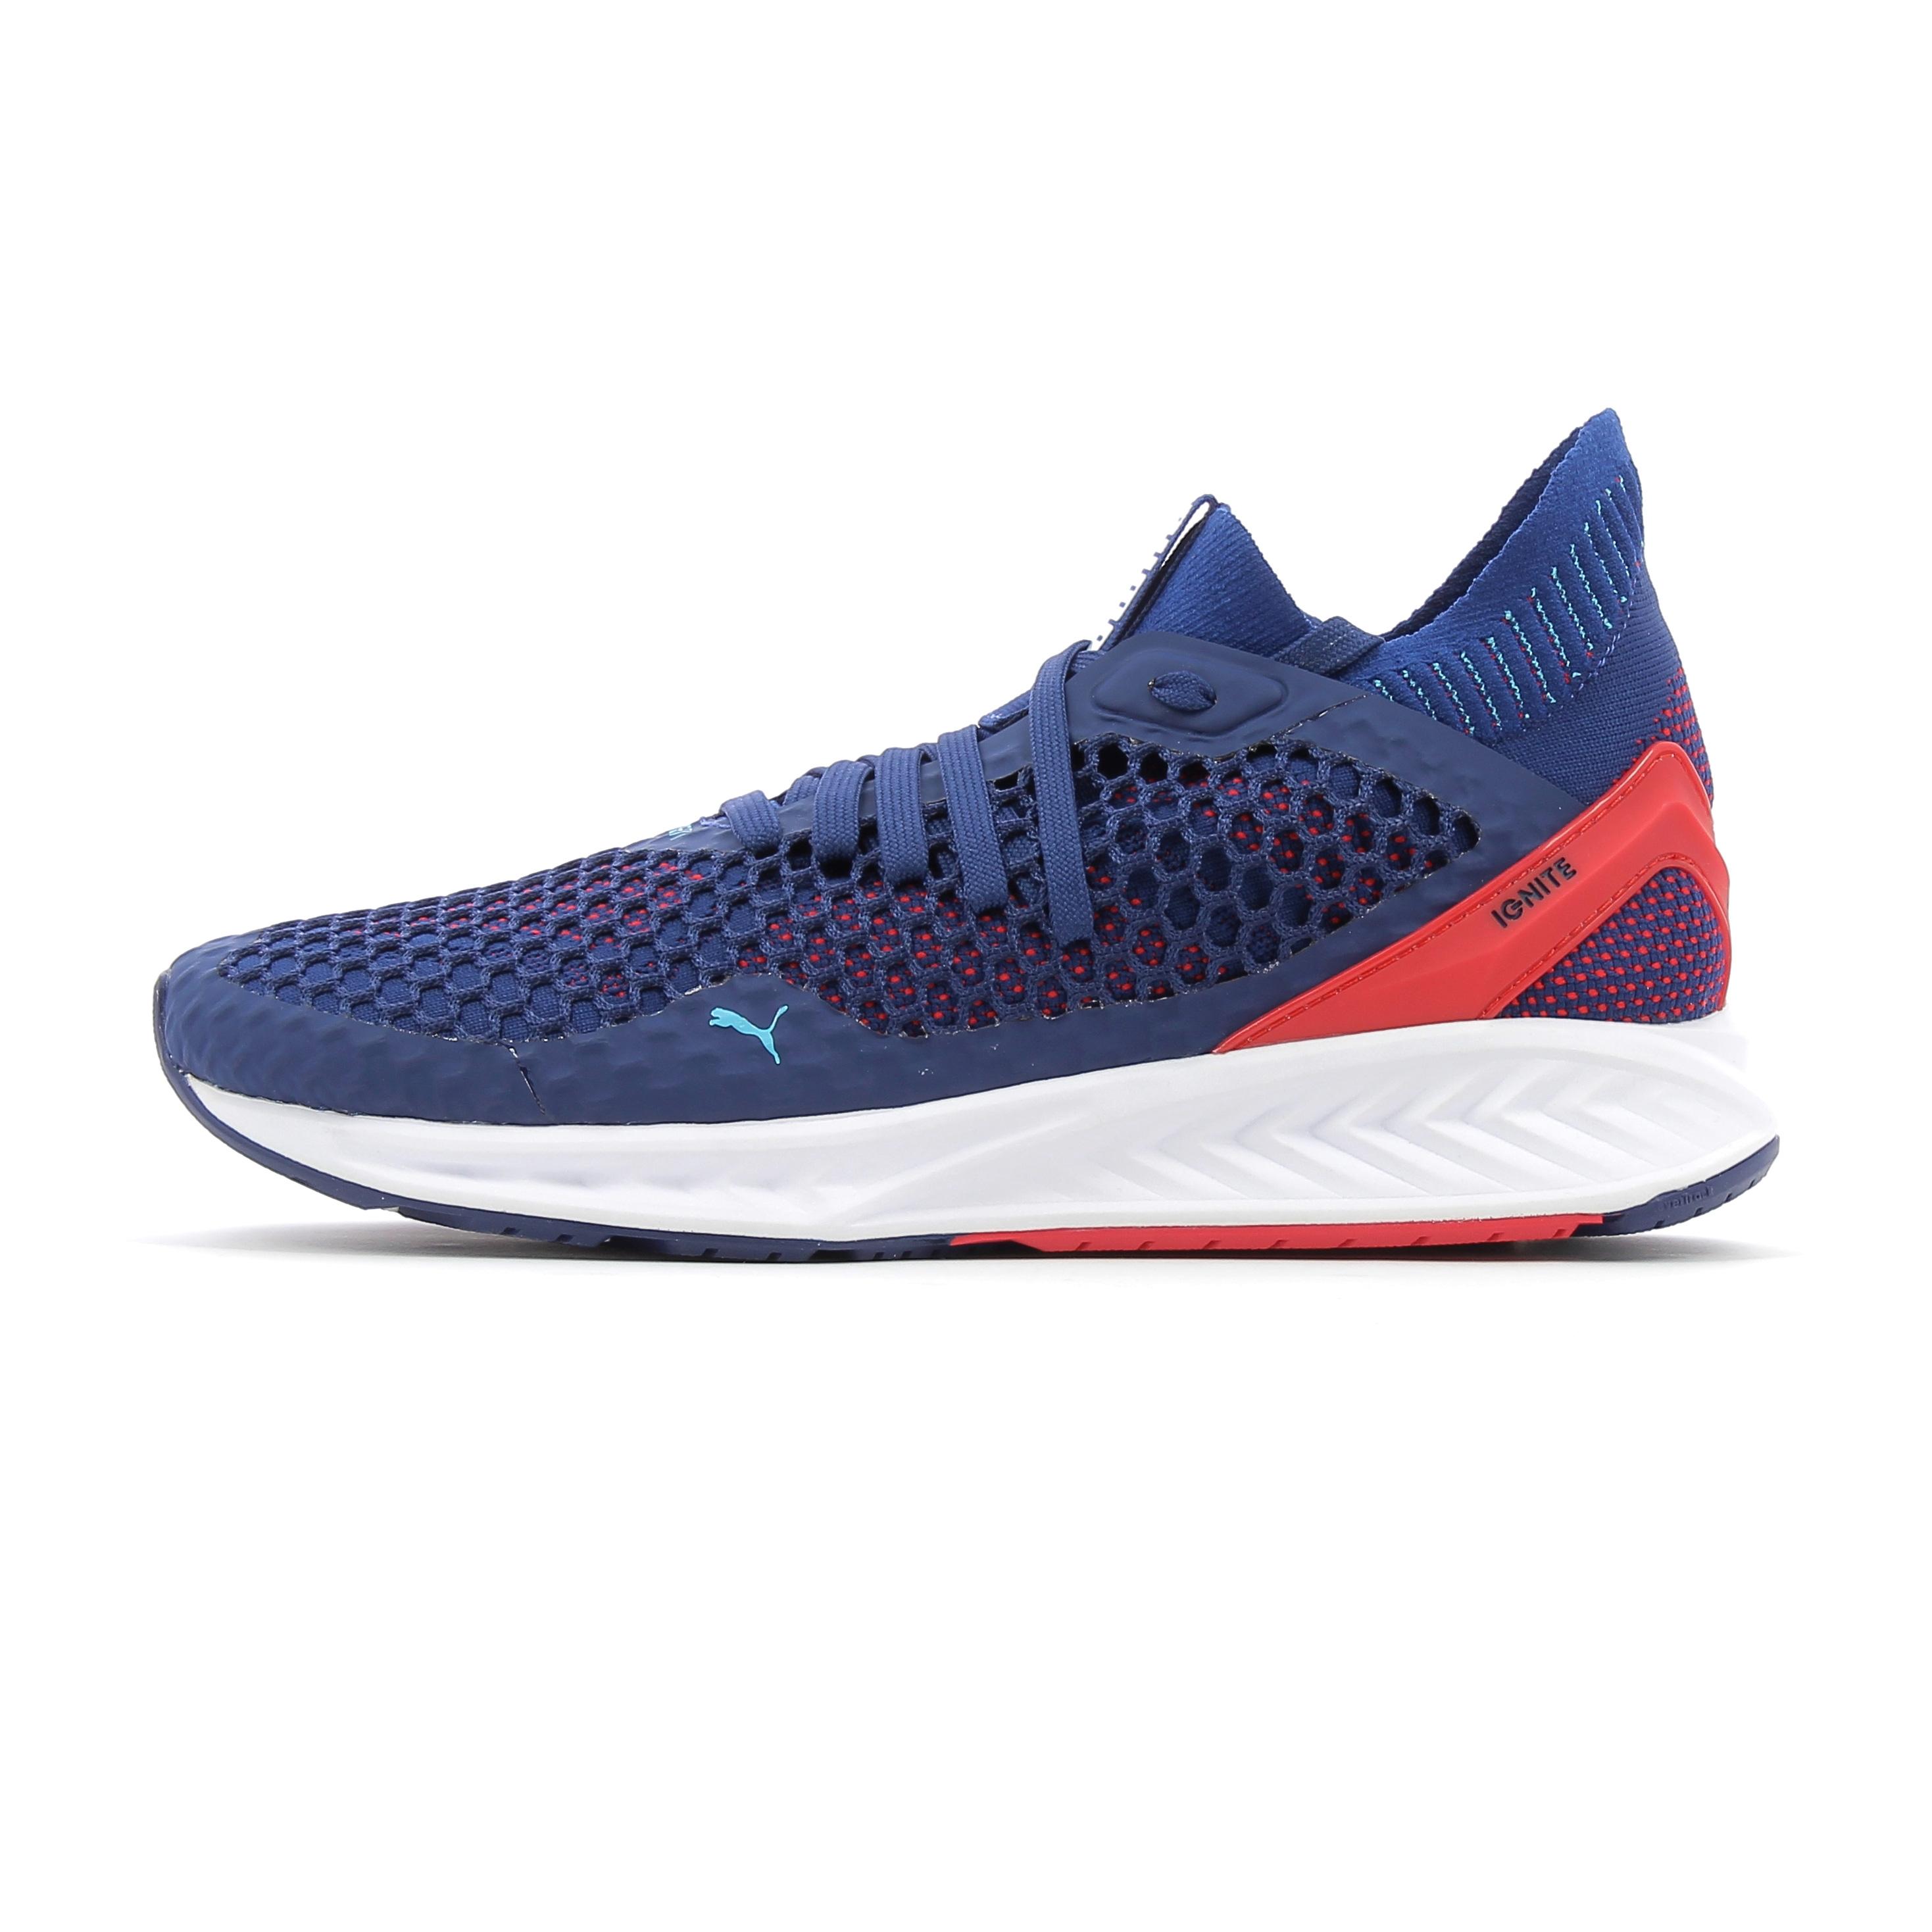 Ignite Netfit Bleu Running Puma De Chaussures 8mONvwyn0